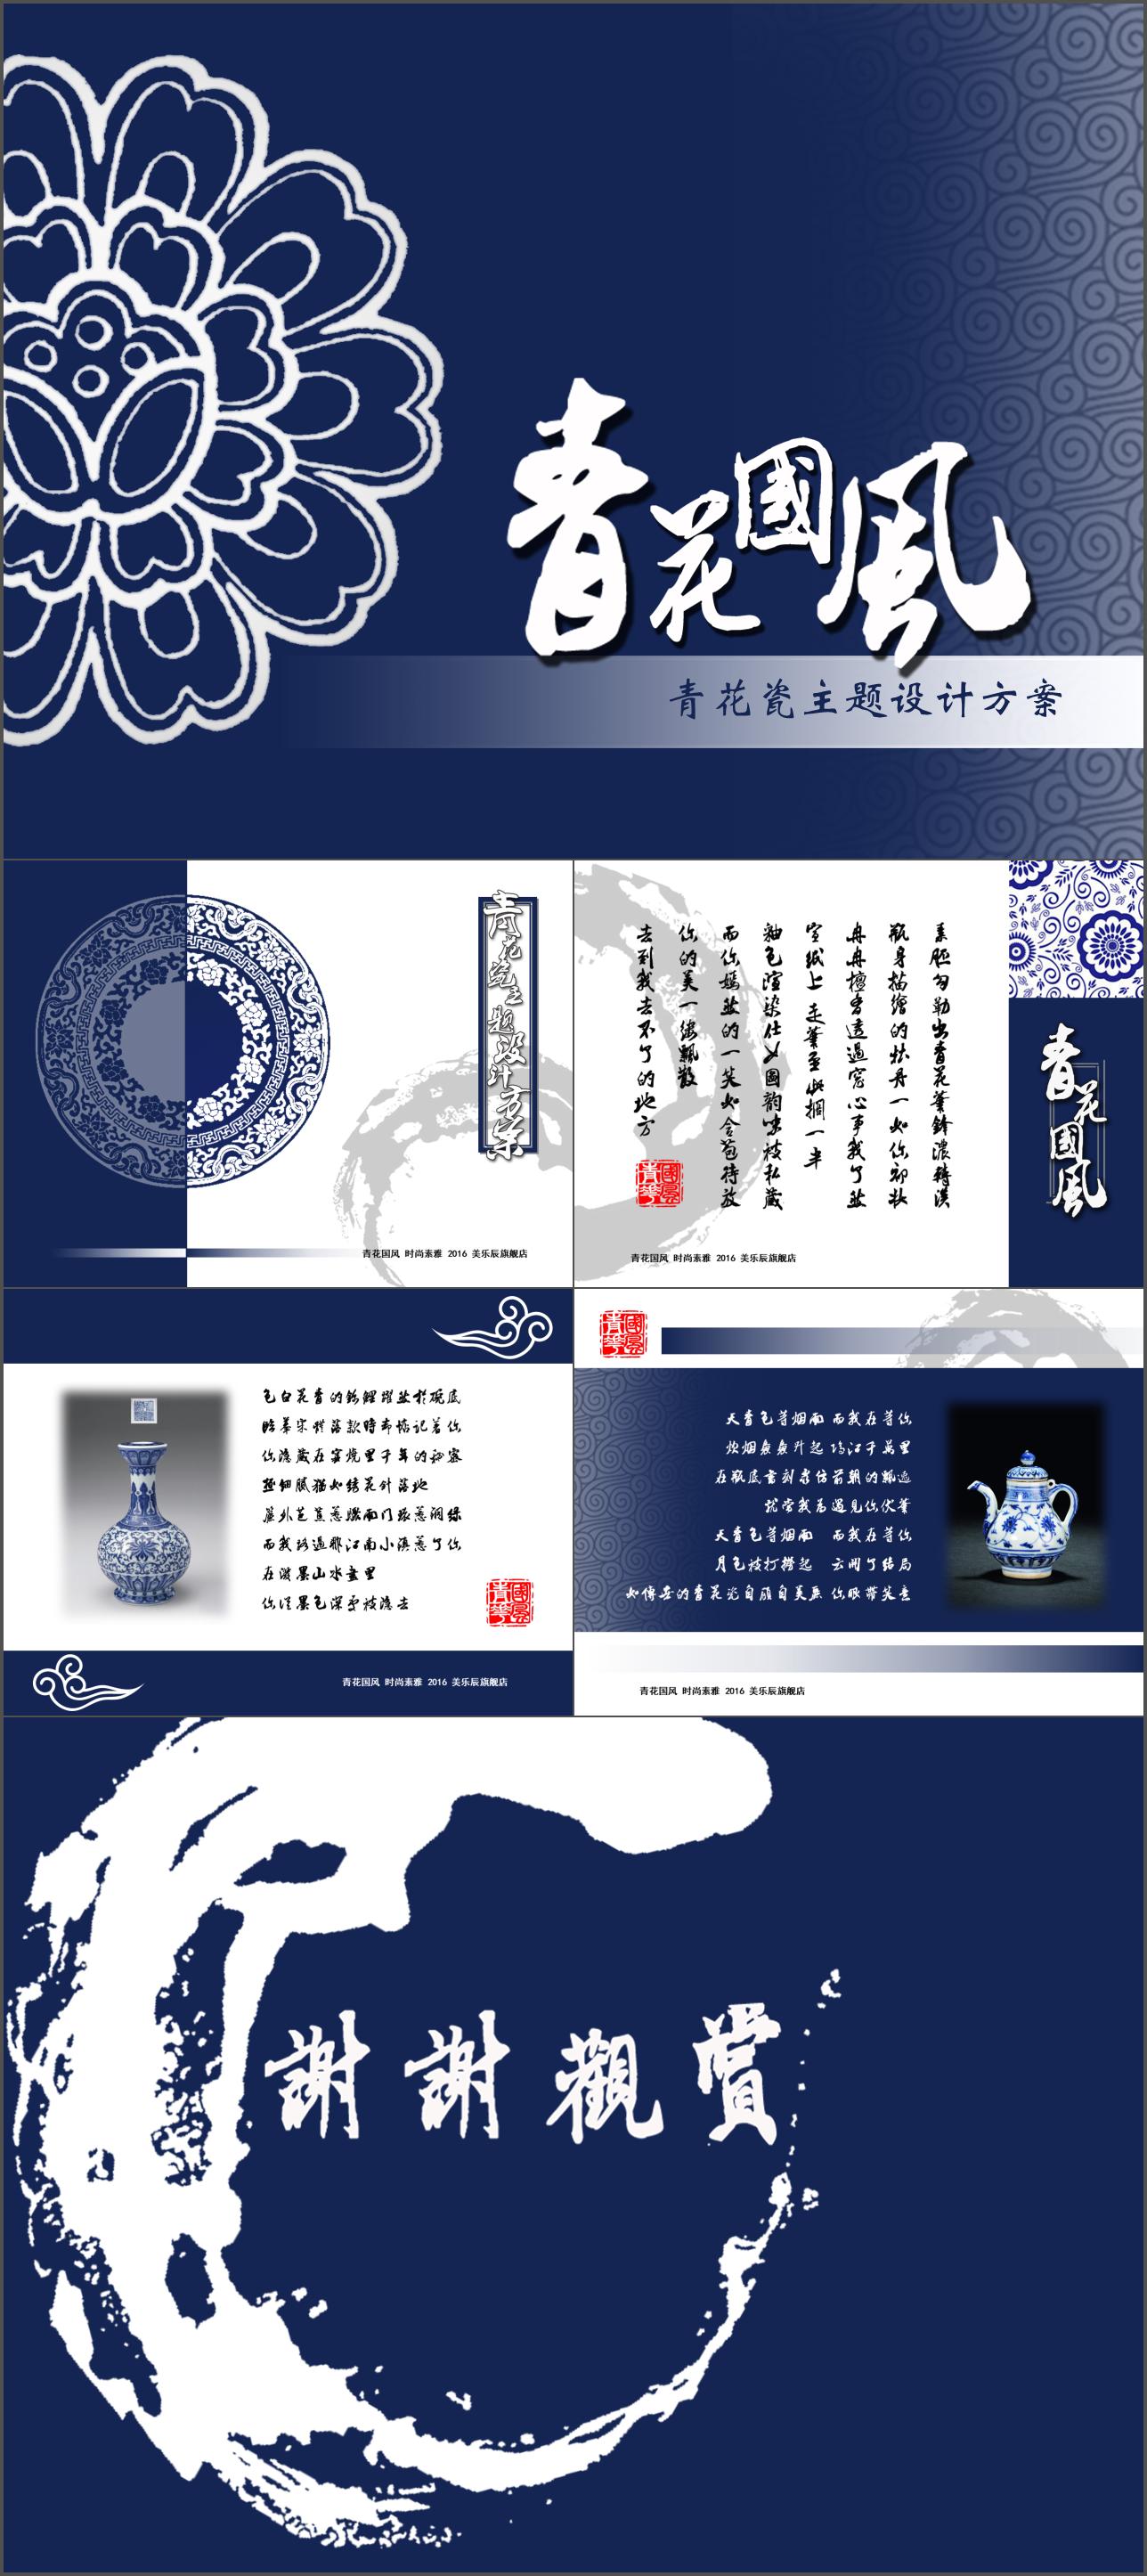 中国风青花瓷通用ppt模板 - 计划总结 - 开心ppt素材网